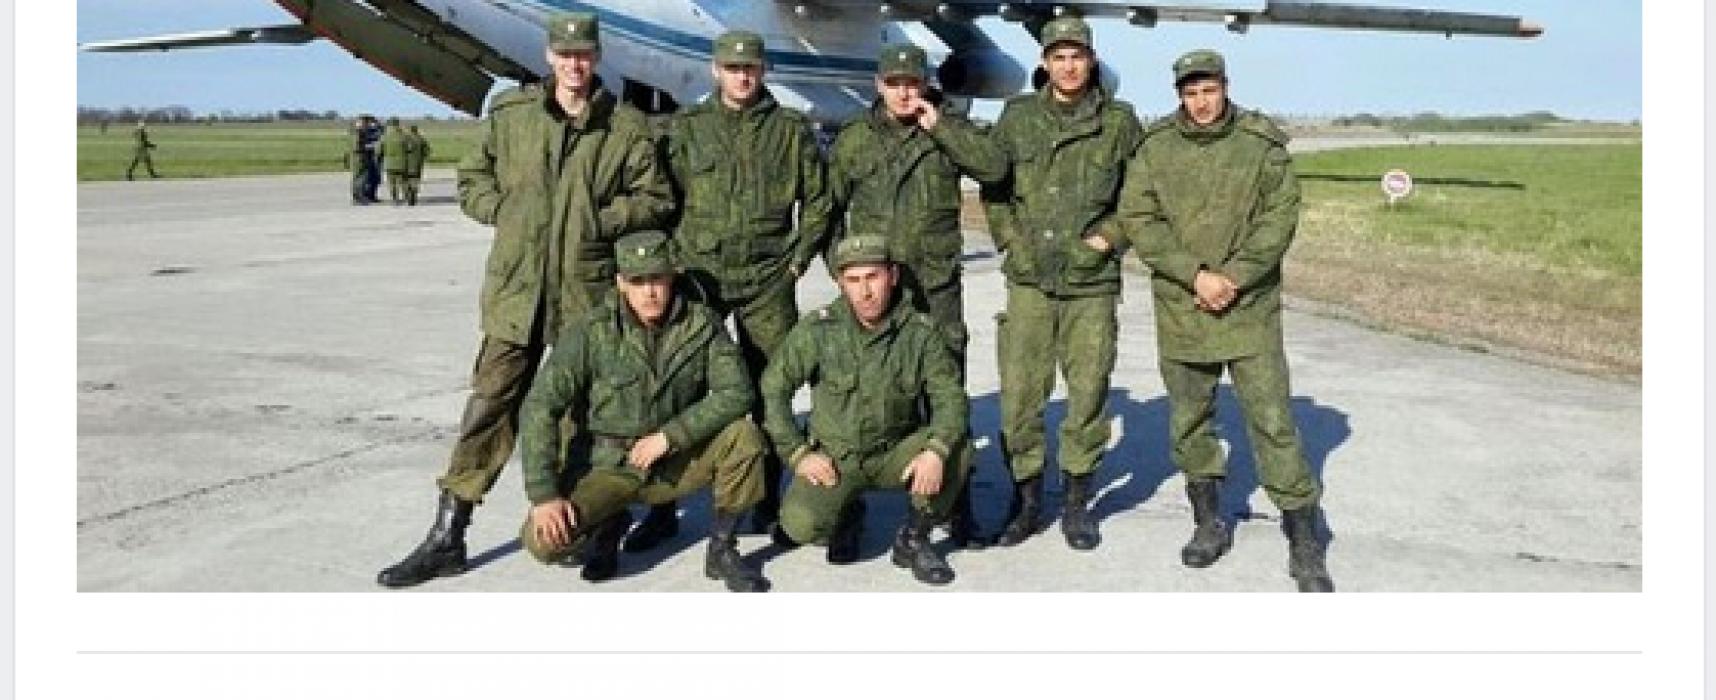 Список-1097: как 18-я ОМСБр ВС России оккупировала Крым